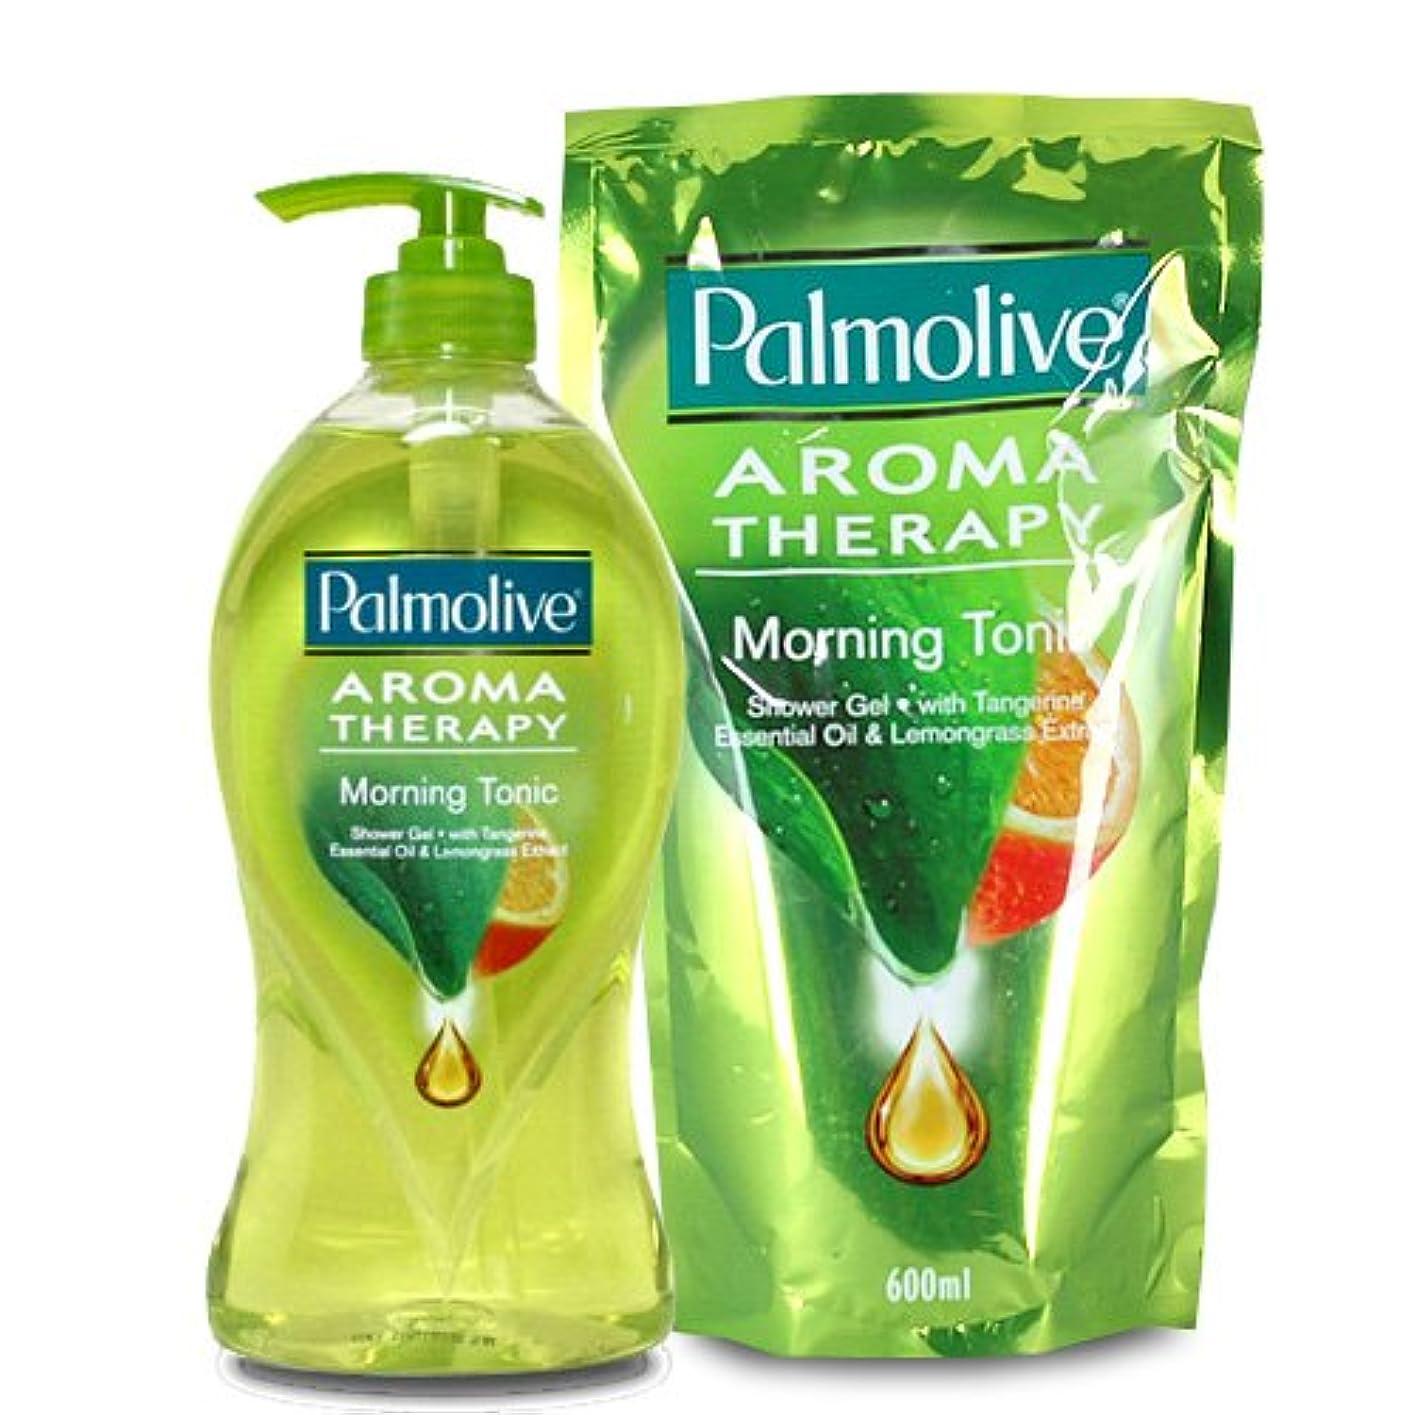 仕方として学ぶ【Palmolive】パルモリーブ アロマセラピーシャワージェル ボトルと詰め替えのセット (モーニングトニック)